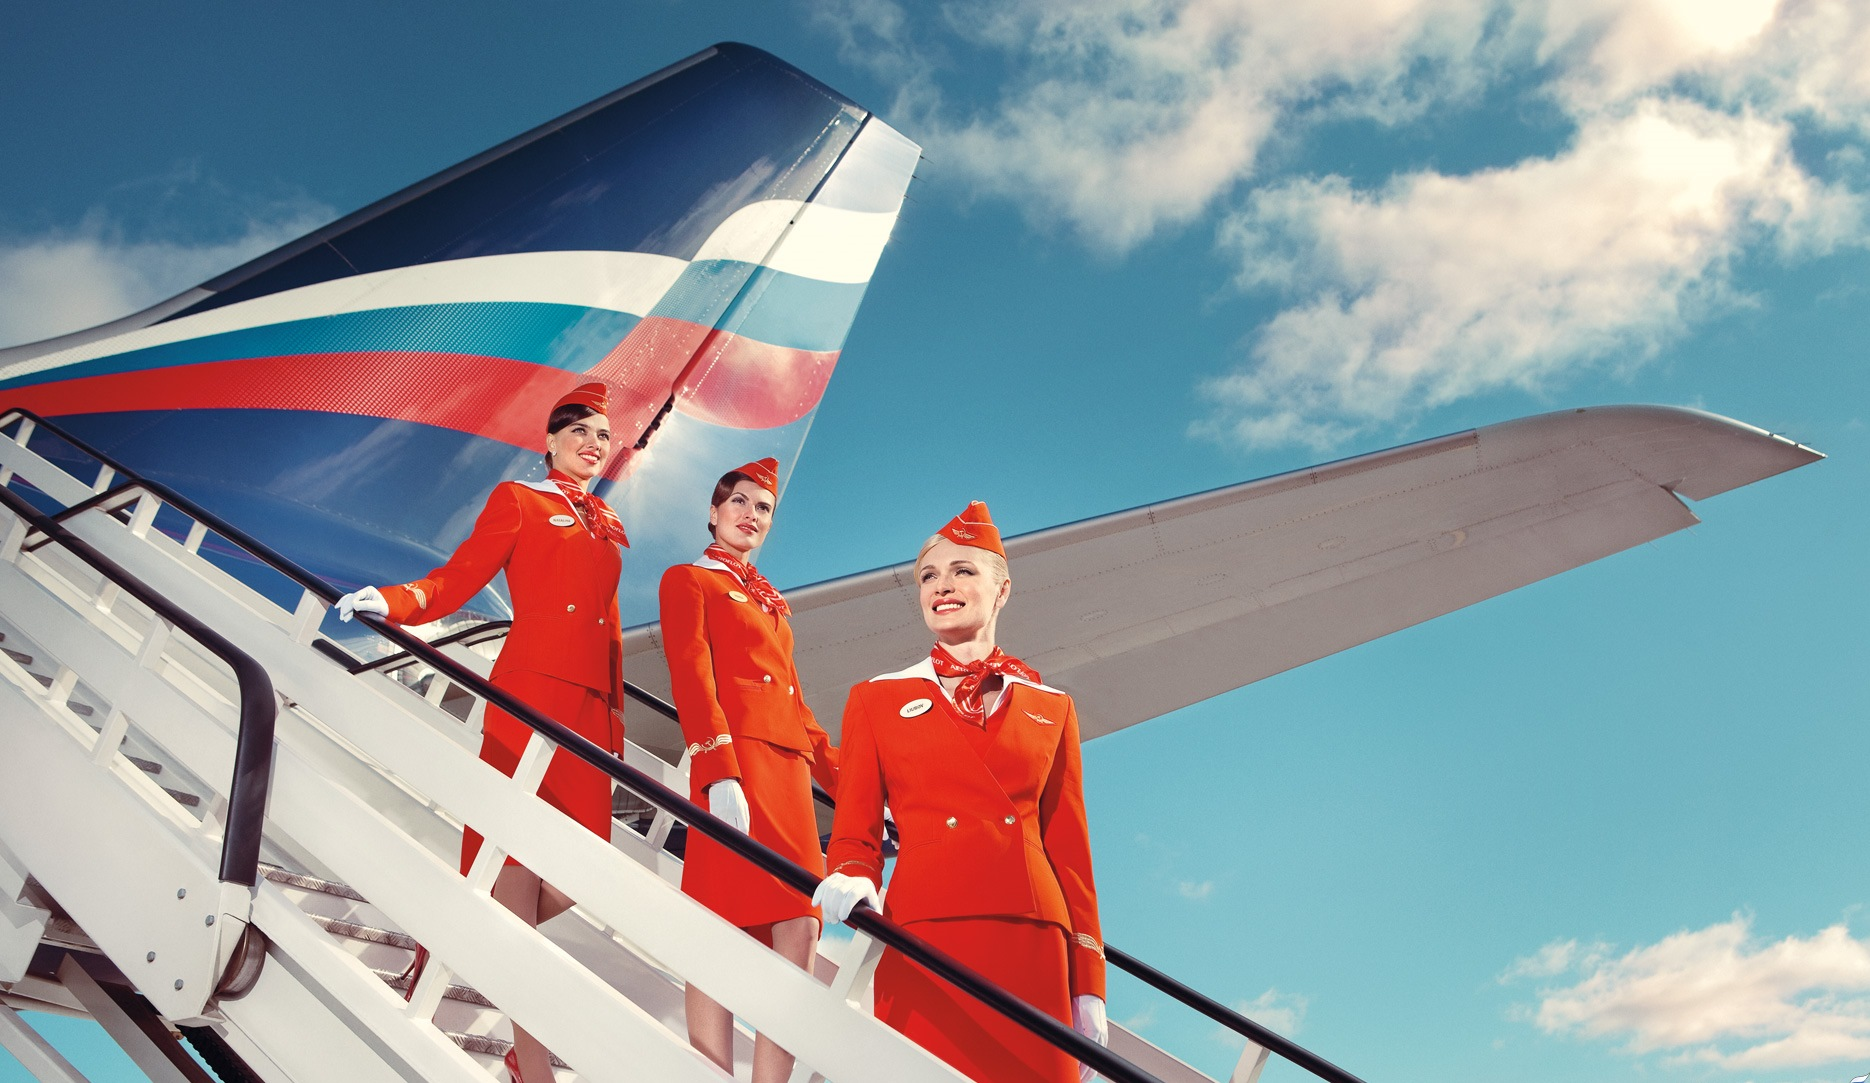 Aeroflot er blandt verdens 20 største flyselskaber. (Foto: Aeroflot)